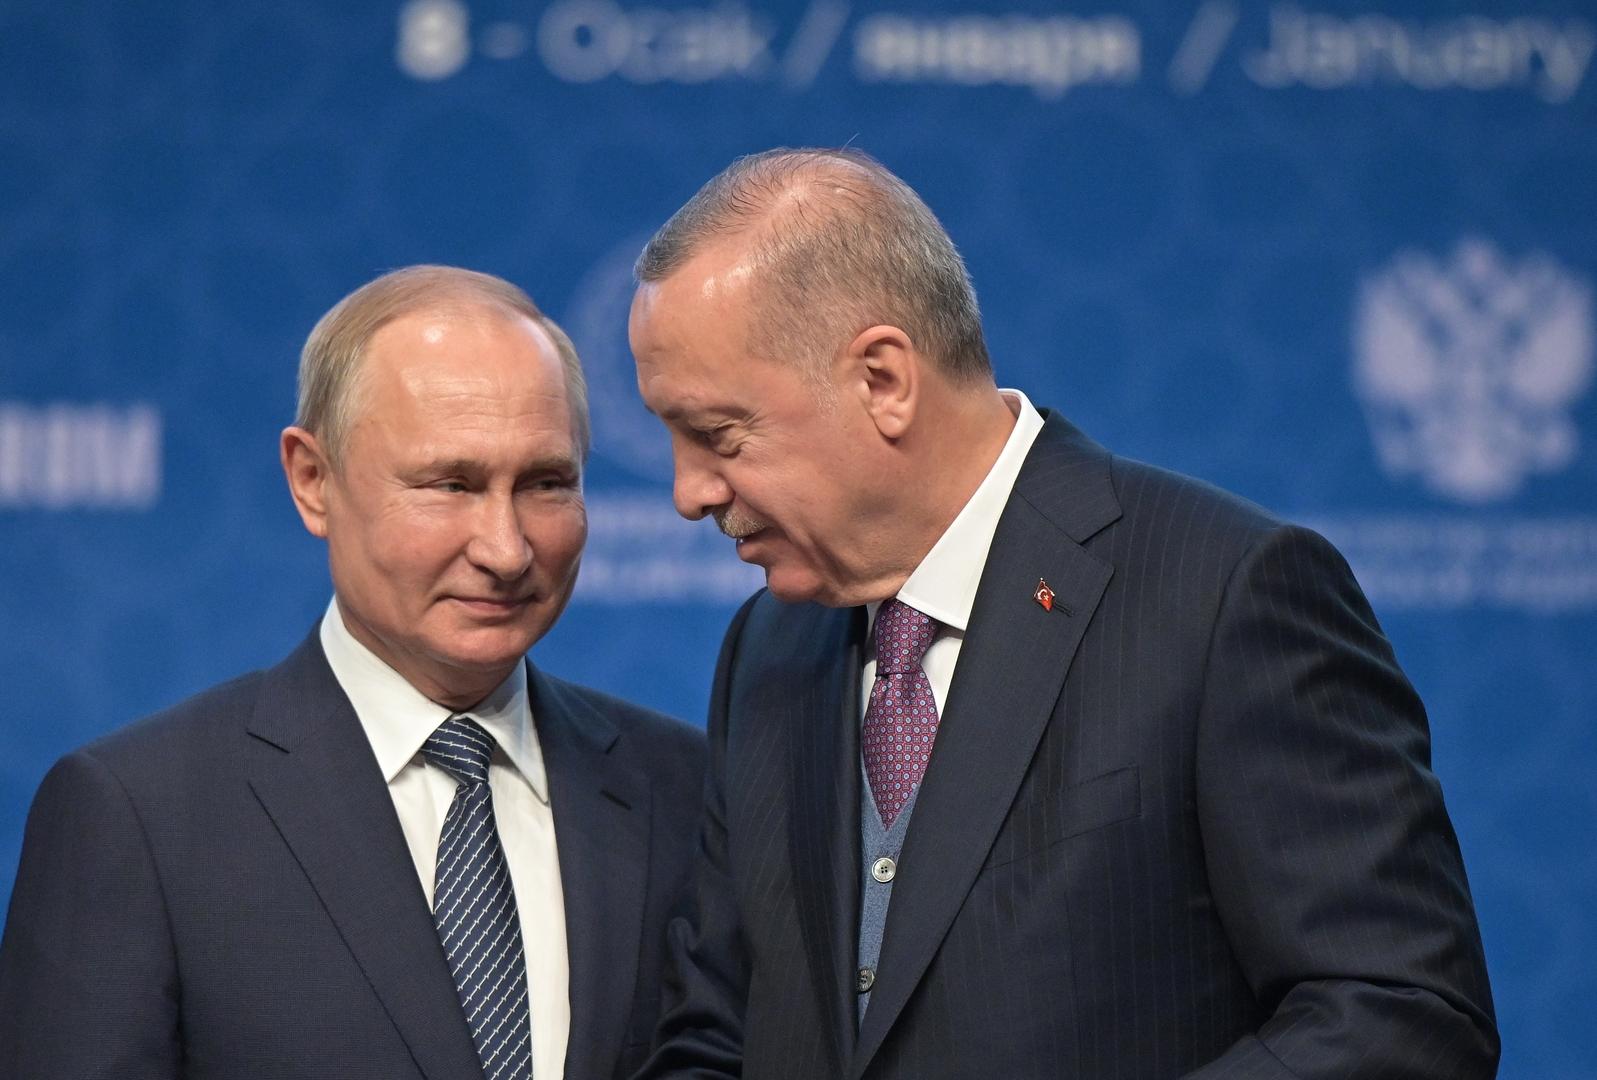 بوتين وأردوغان يدعوان أطراف الأزمة الليبية إلى إعلان هدنة اعتبارا من منتصف ليل 12 يناير